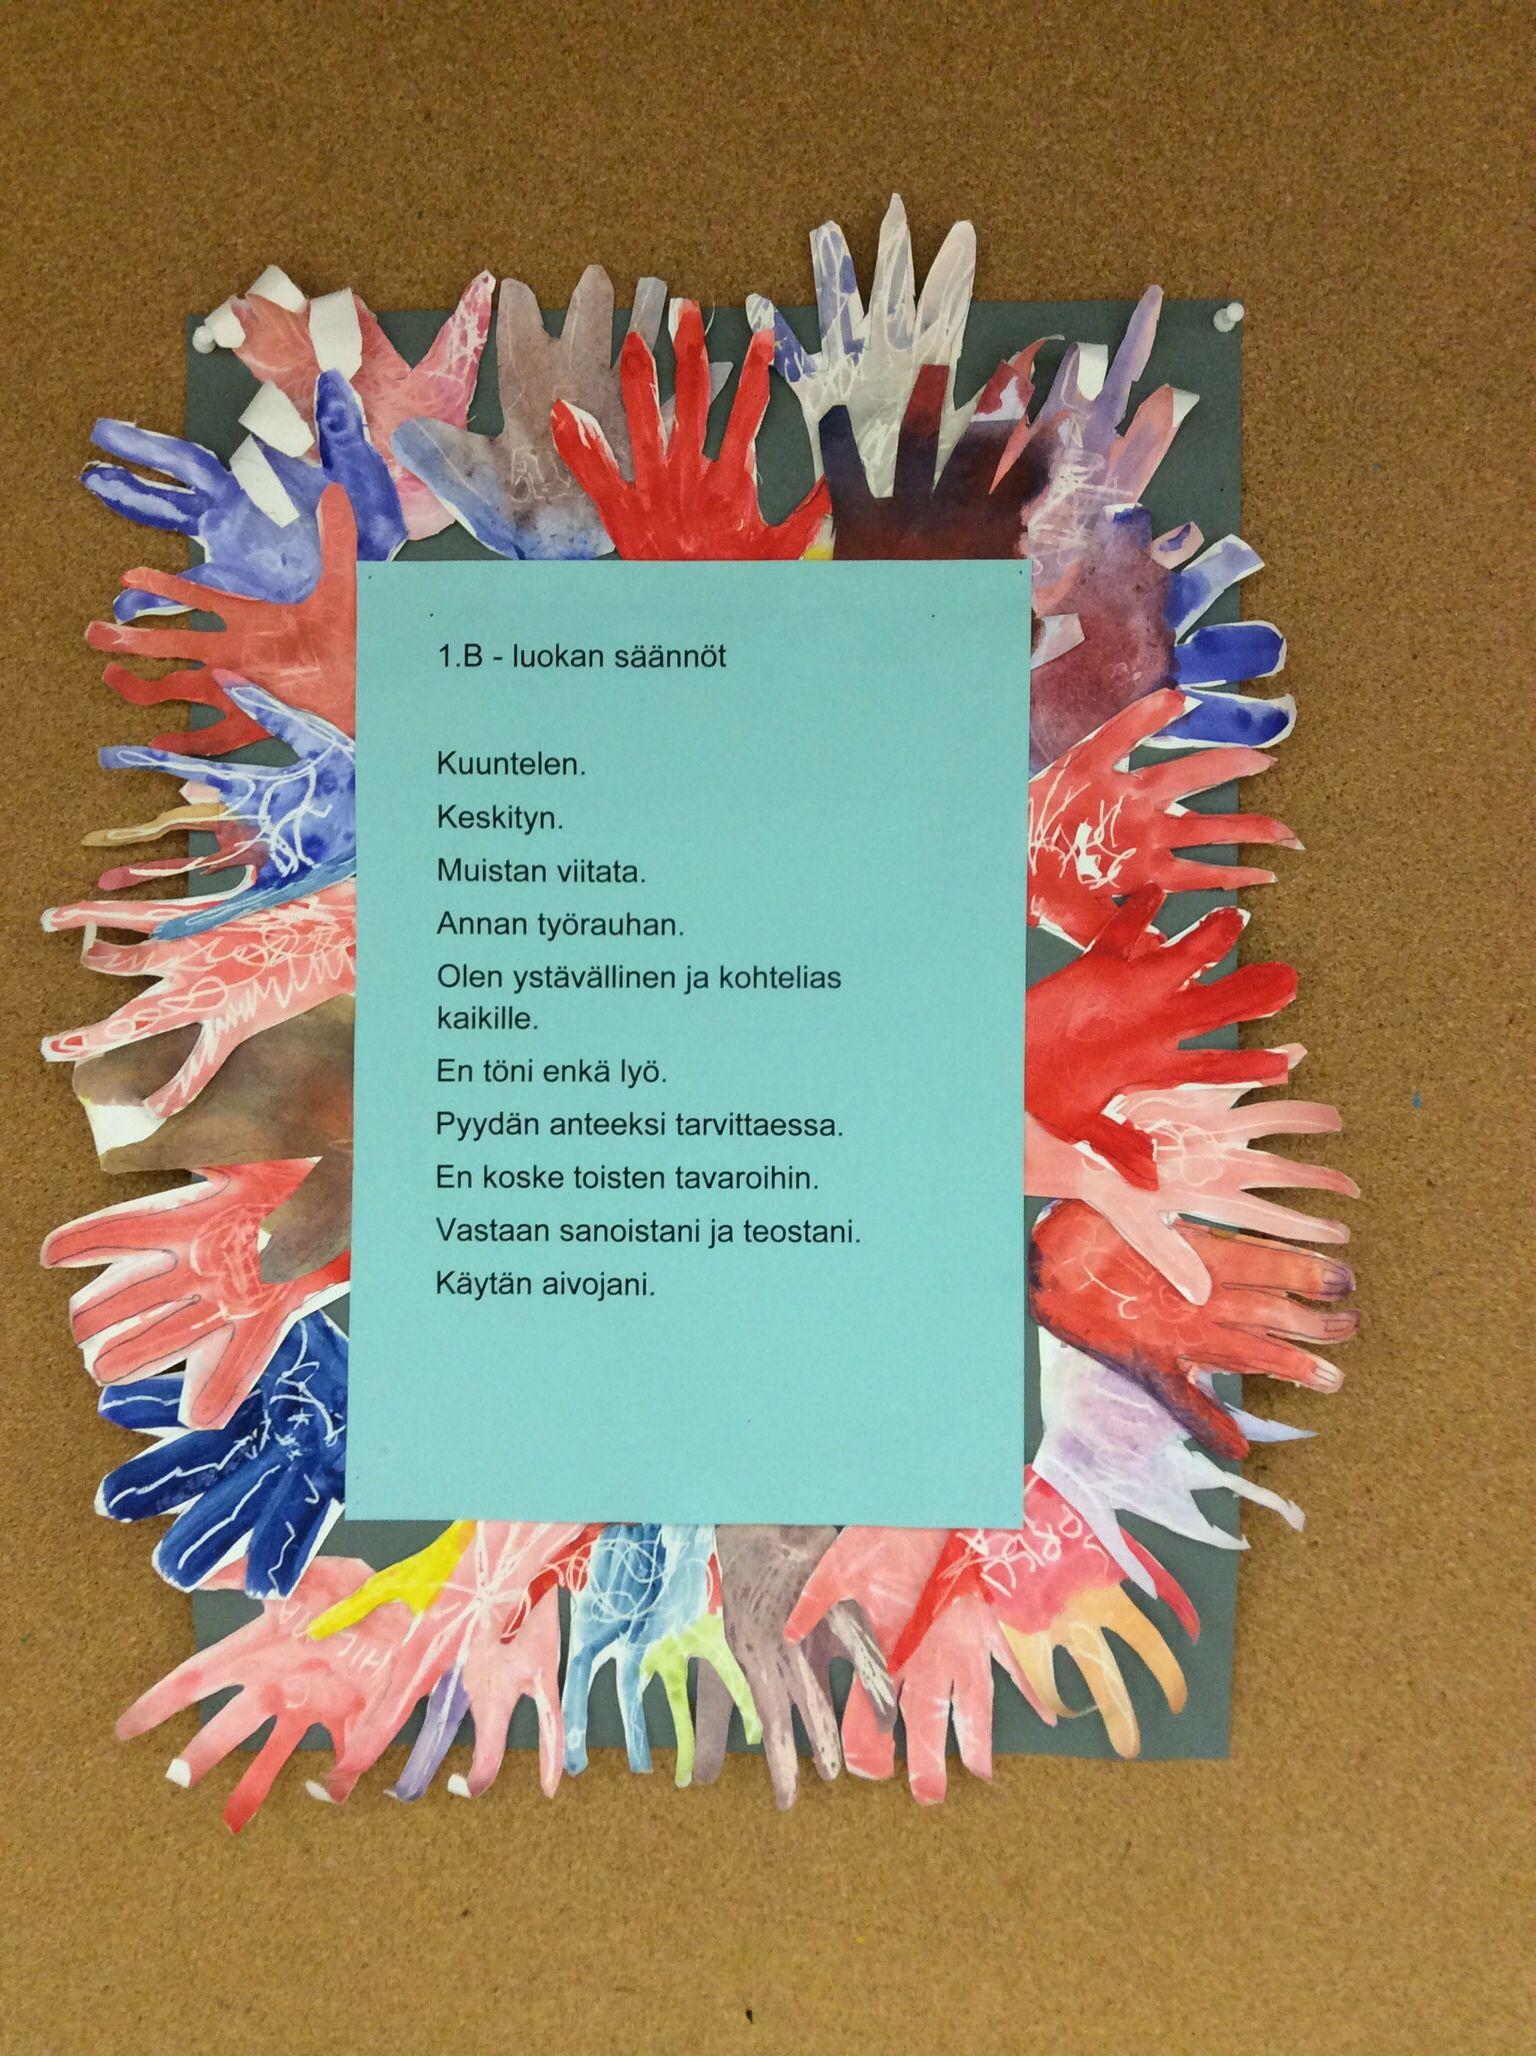 Luokan säännöt. Jokainen oppilas maalasi ja leikkasi kuvan kädestään merkiksi sääntöihin sitoutumisesta.